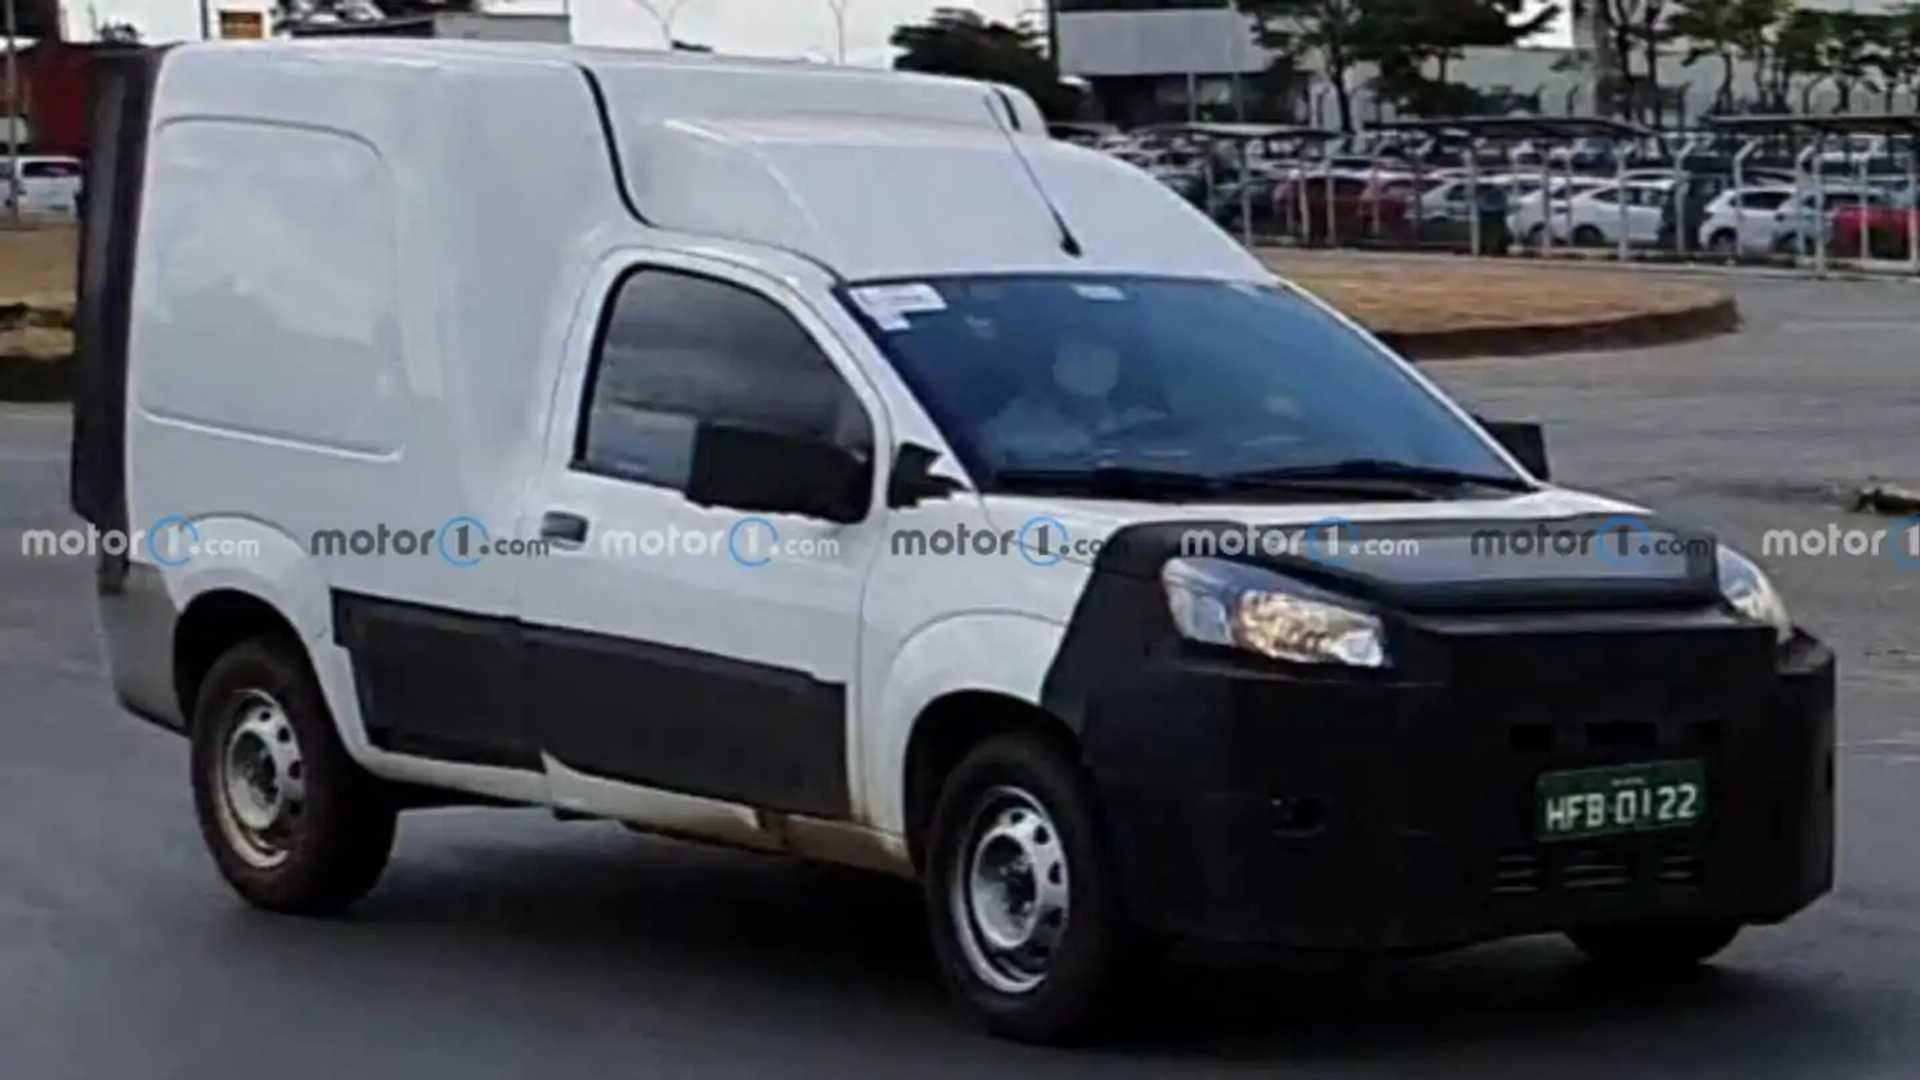 Nuovo Fiat Fiorino 2022 - Visualizzazioni